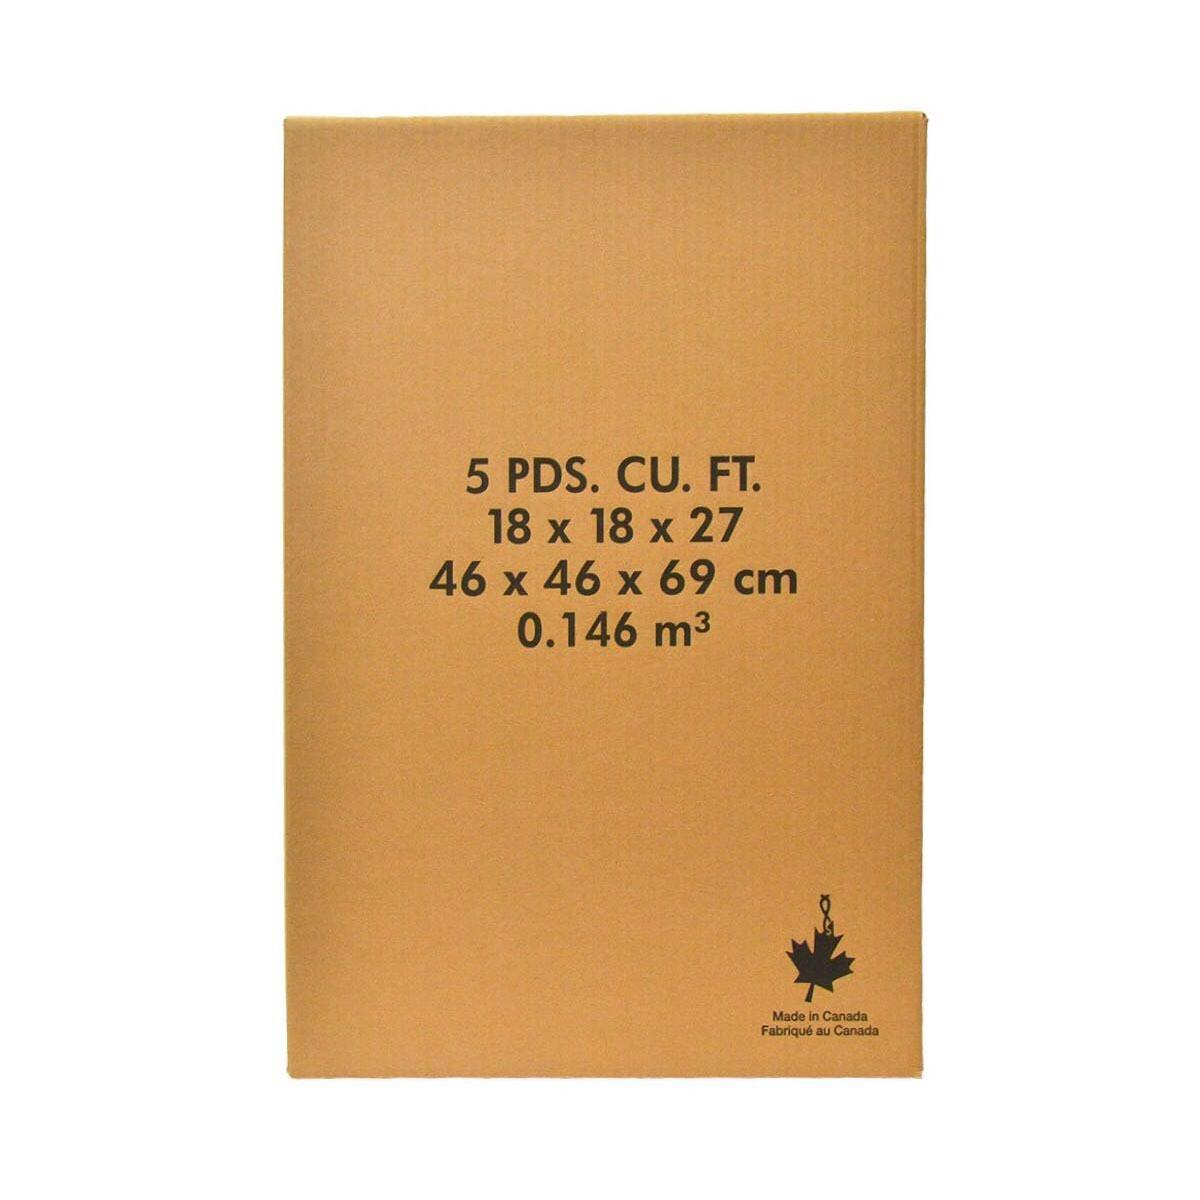 5 Cubic FT Carton